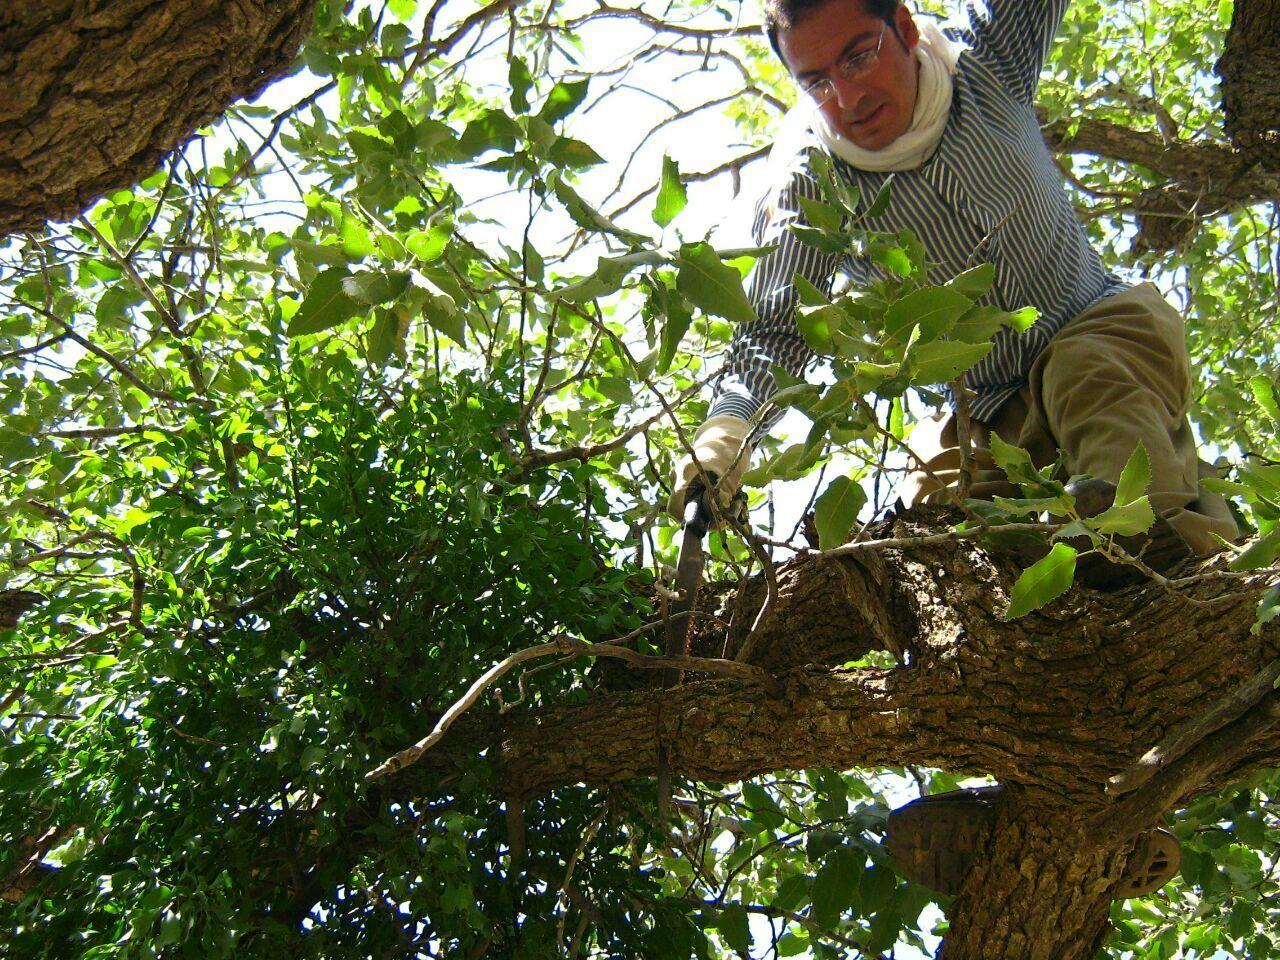 آغاز عملیات پاکسازی درختان آلوده به موخور در جنگلهای دالاهو